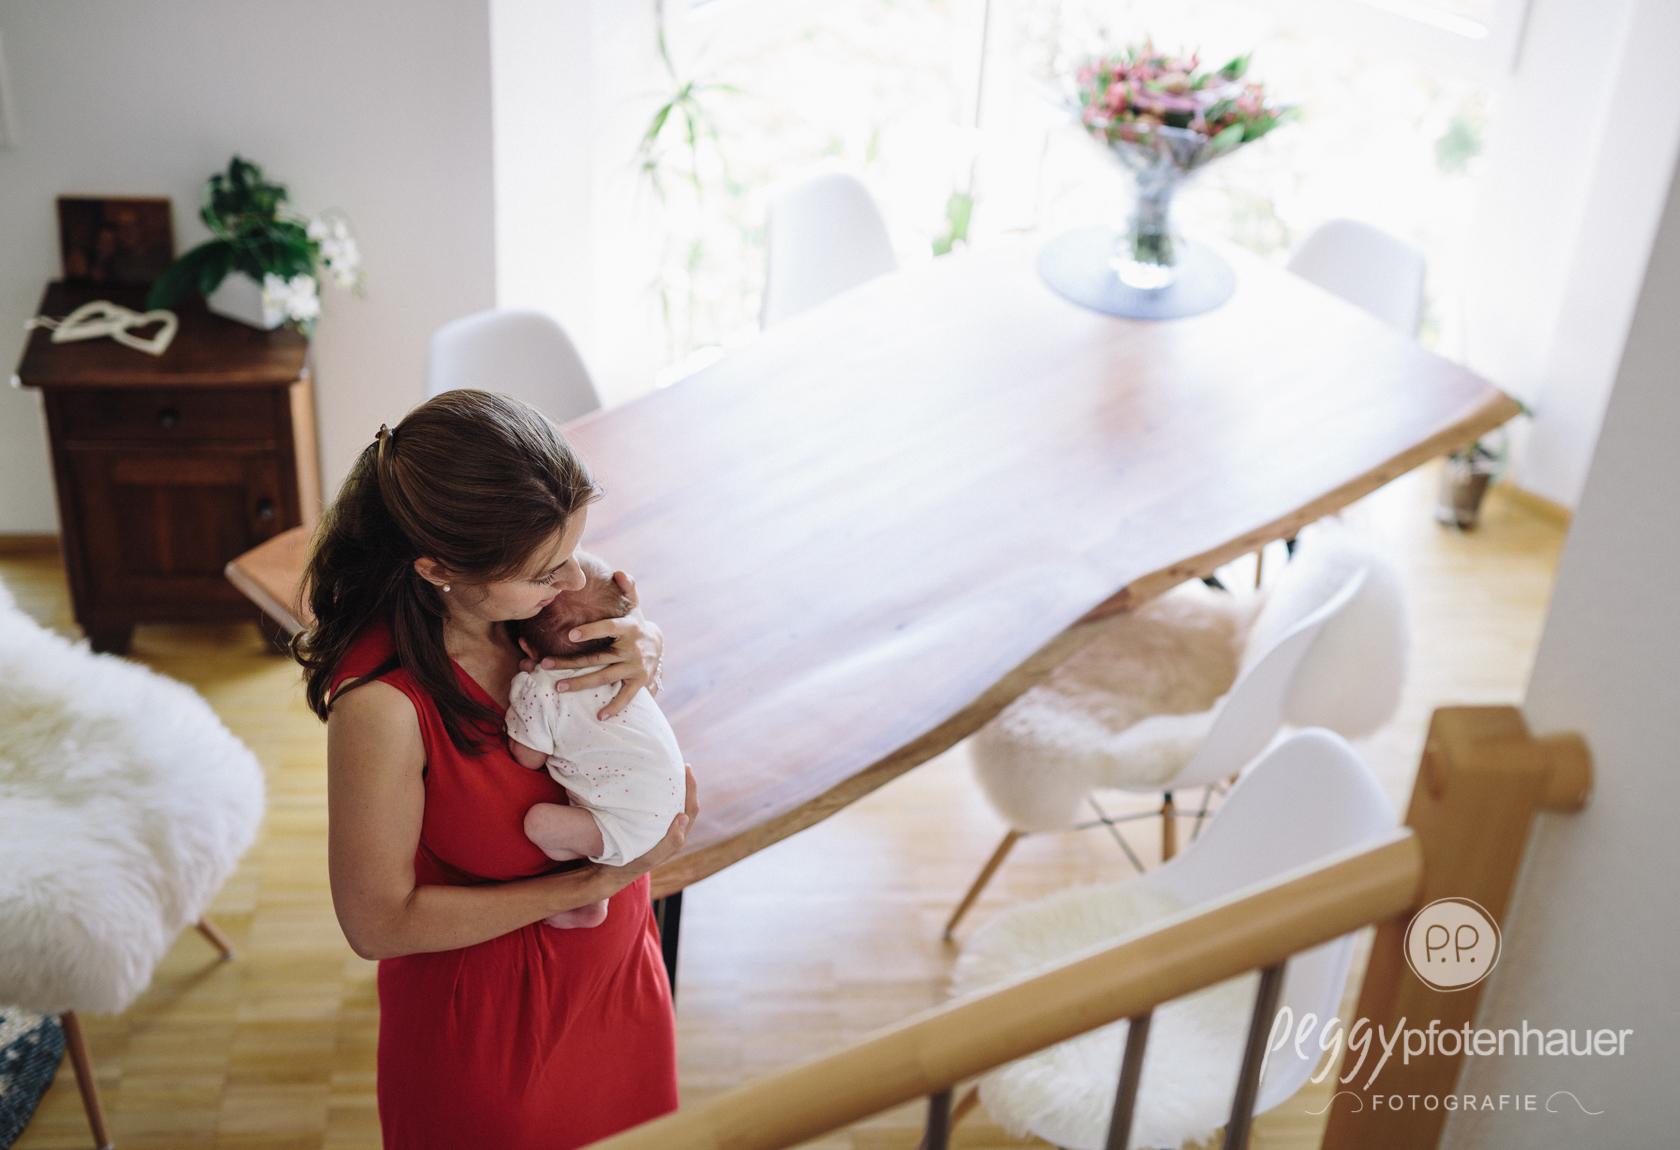 persönliche Babybilder